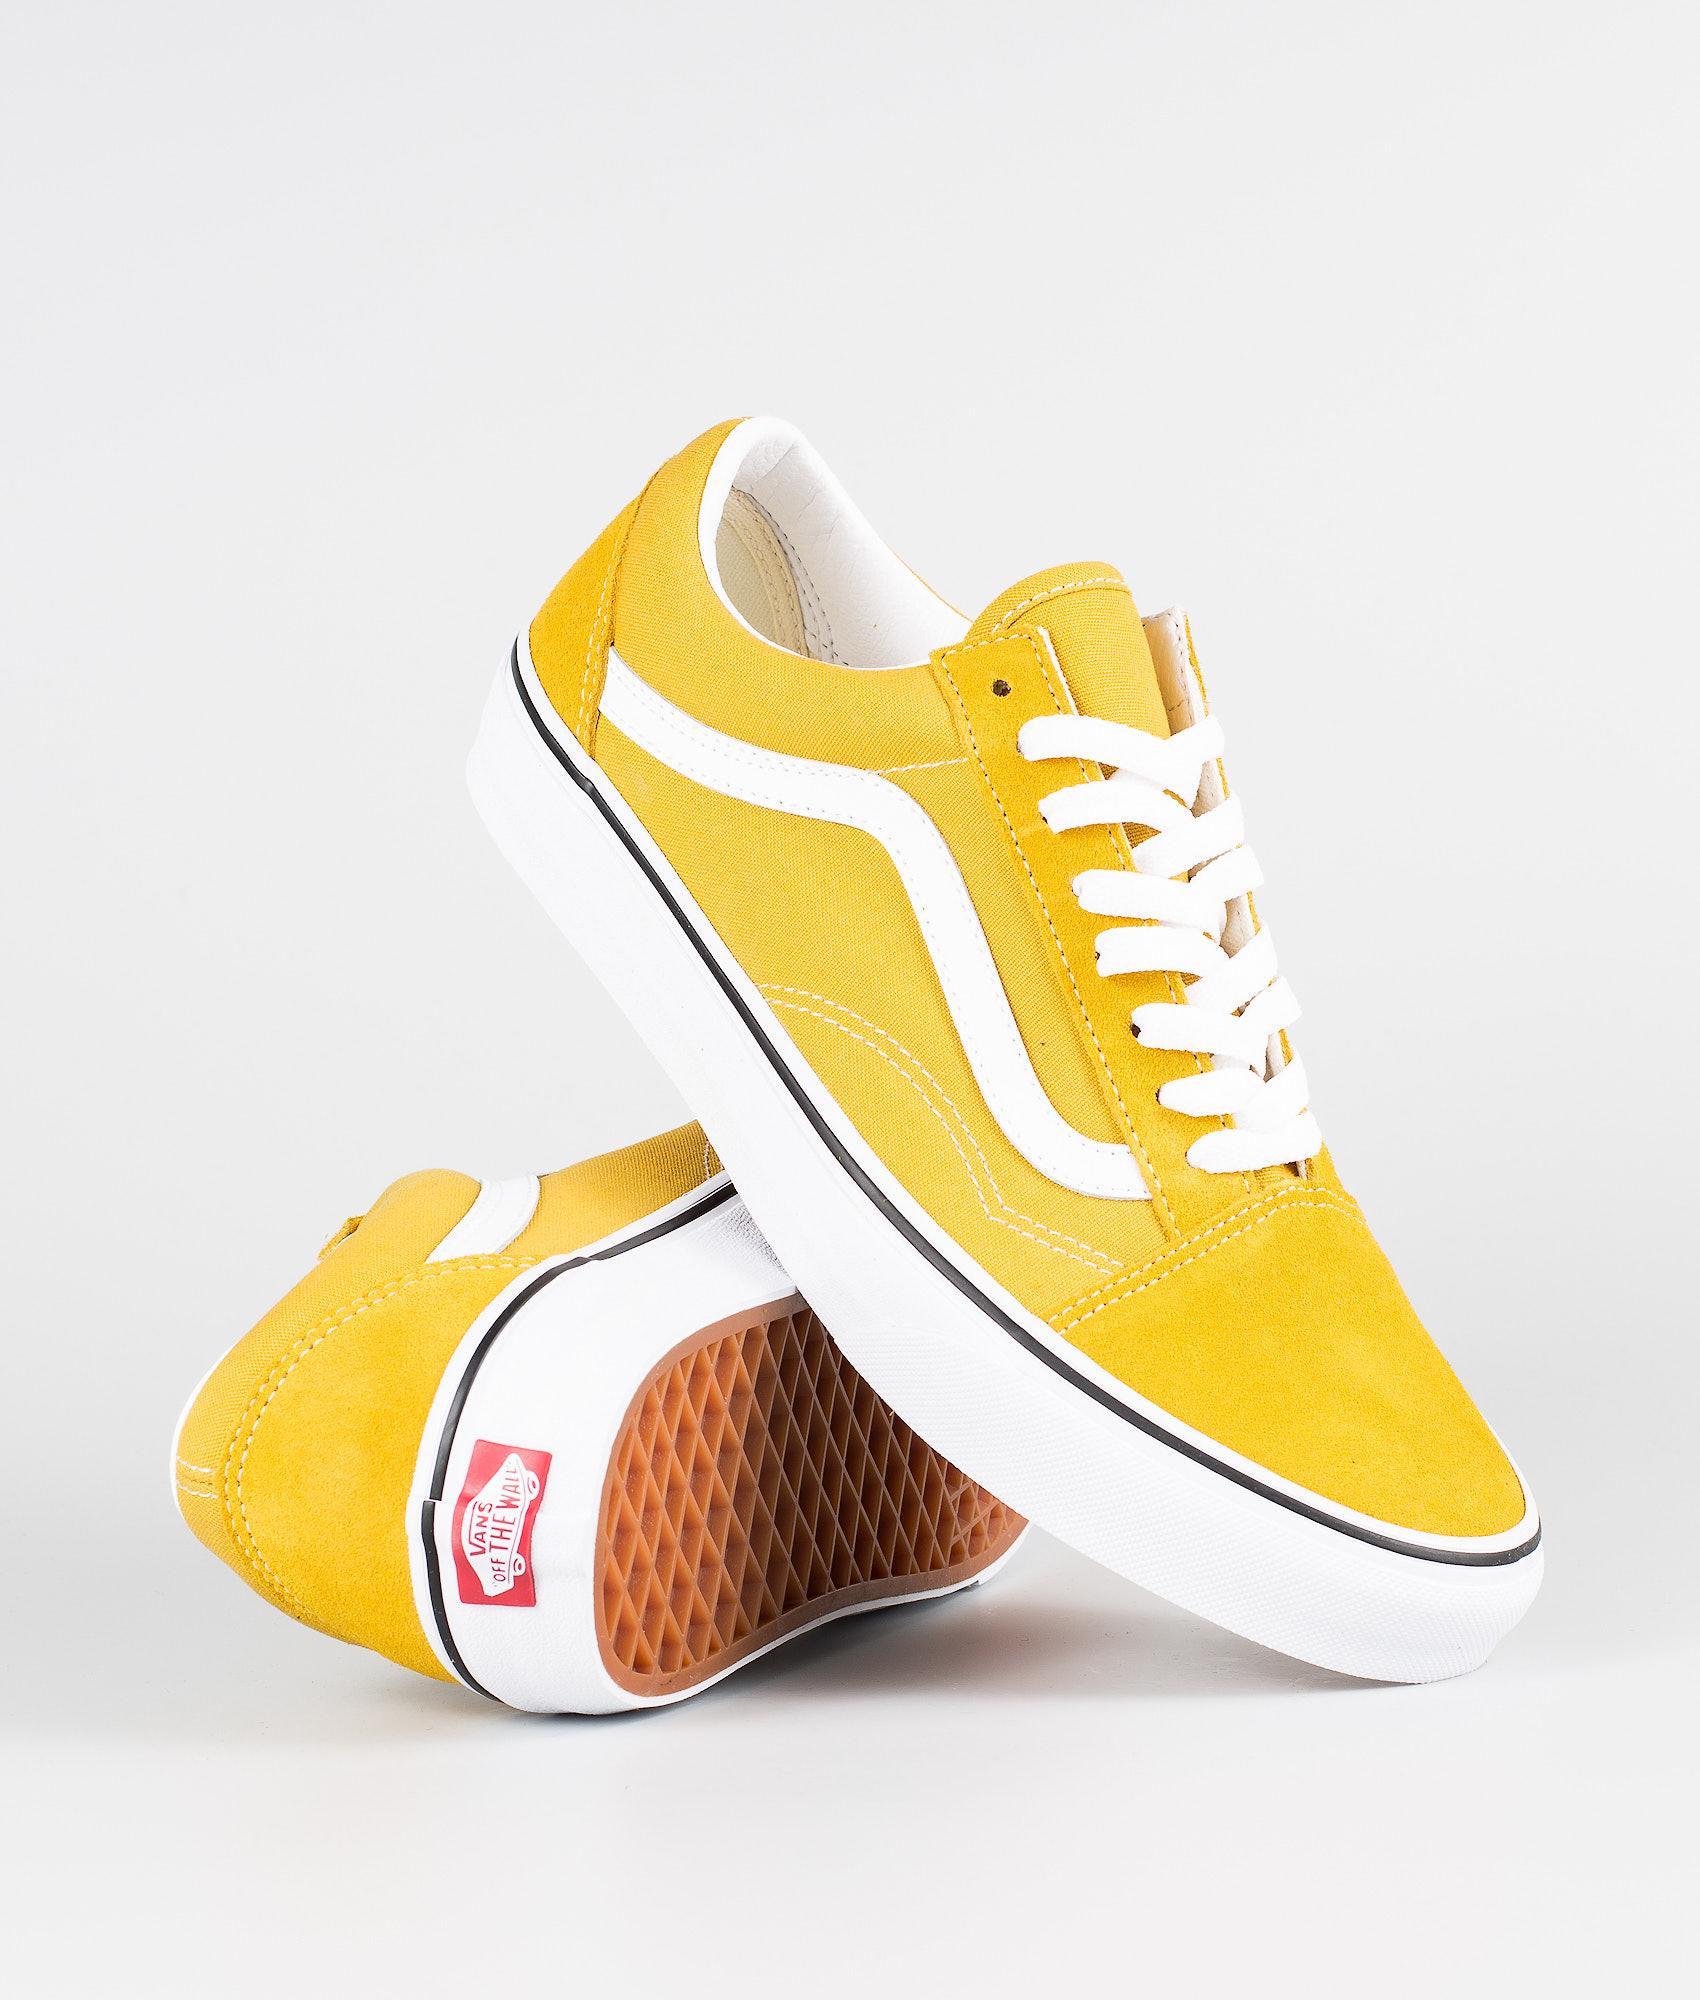 a58b810c73 Vans Old Skool Shoes Yolk Yellow/True White